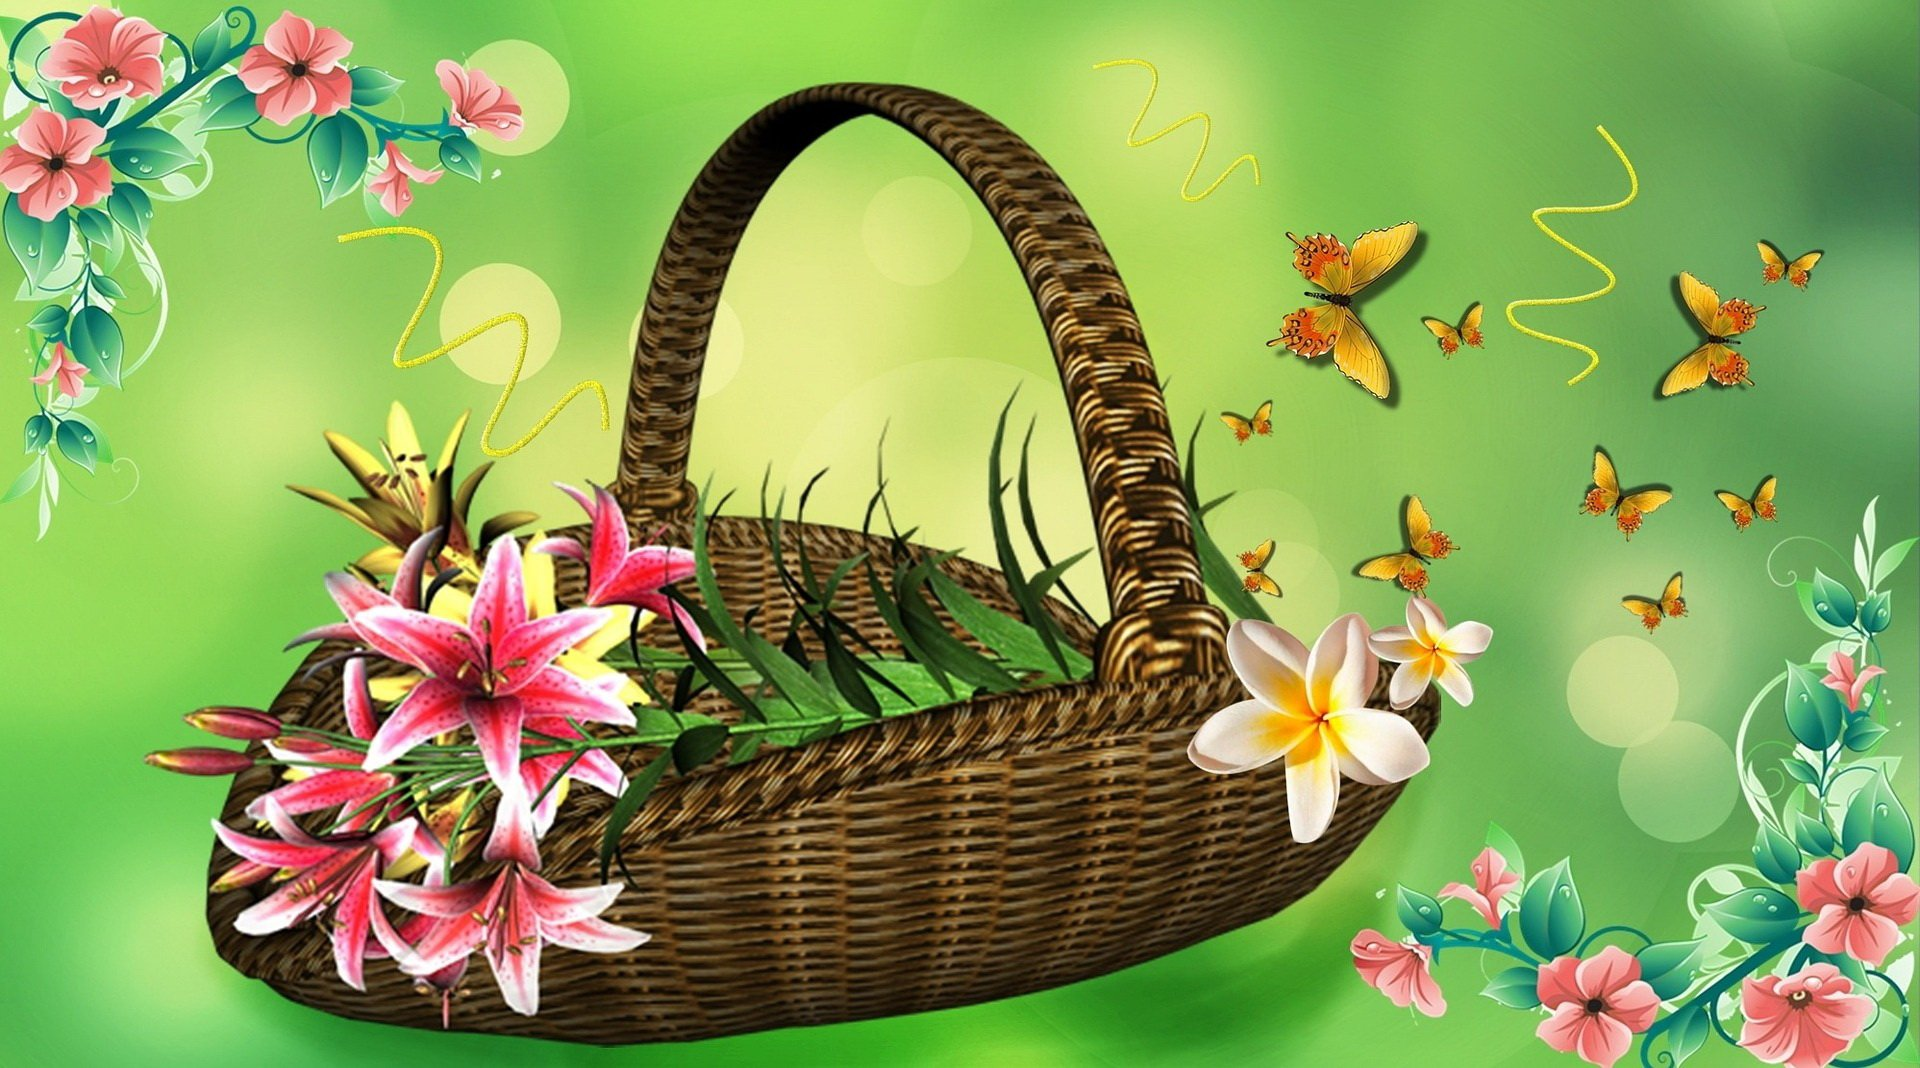 Bajki dla dzieci kwiaty na Dzień Mamy